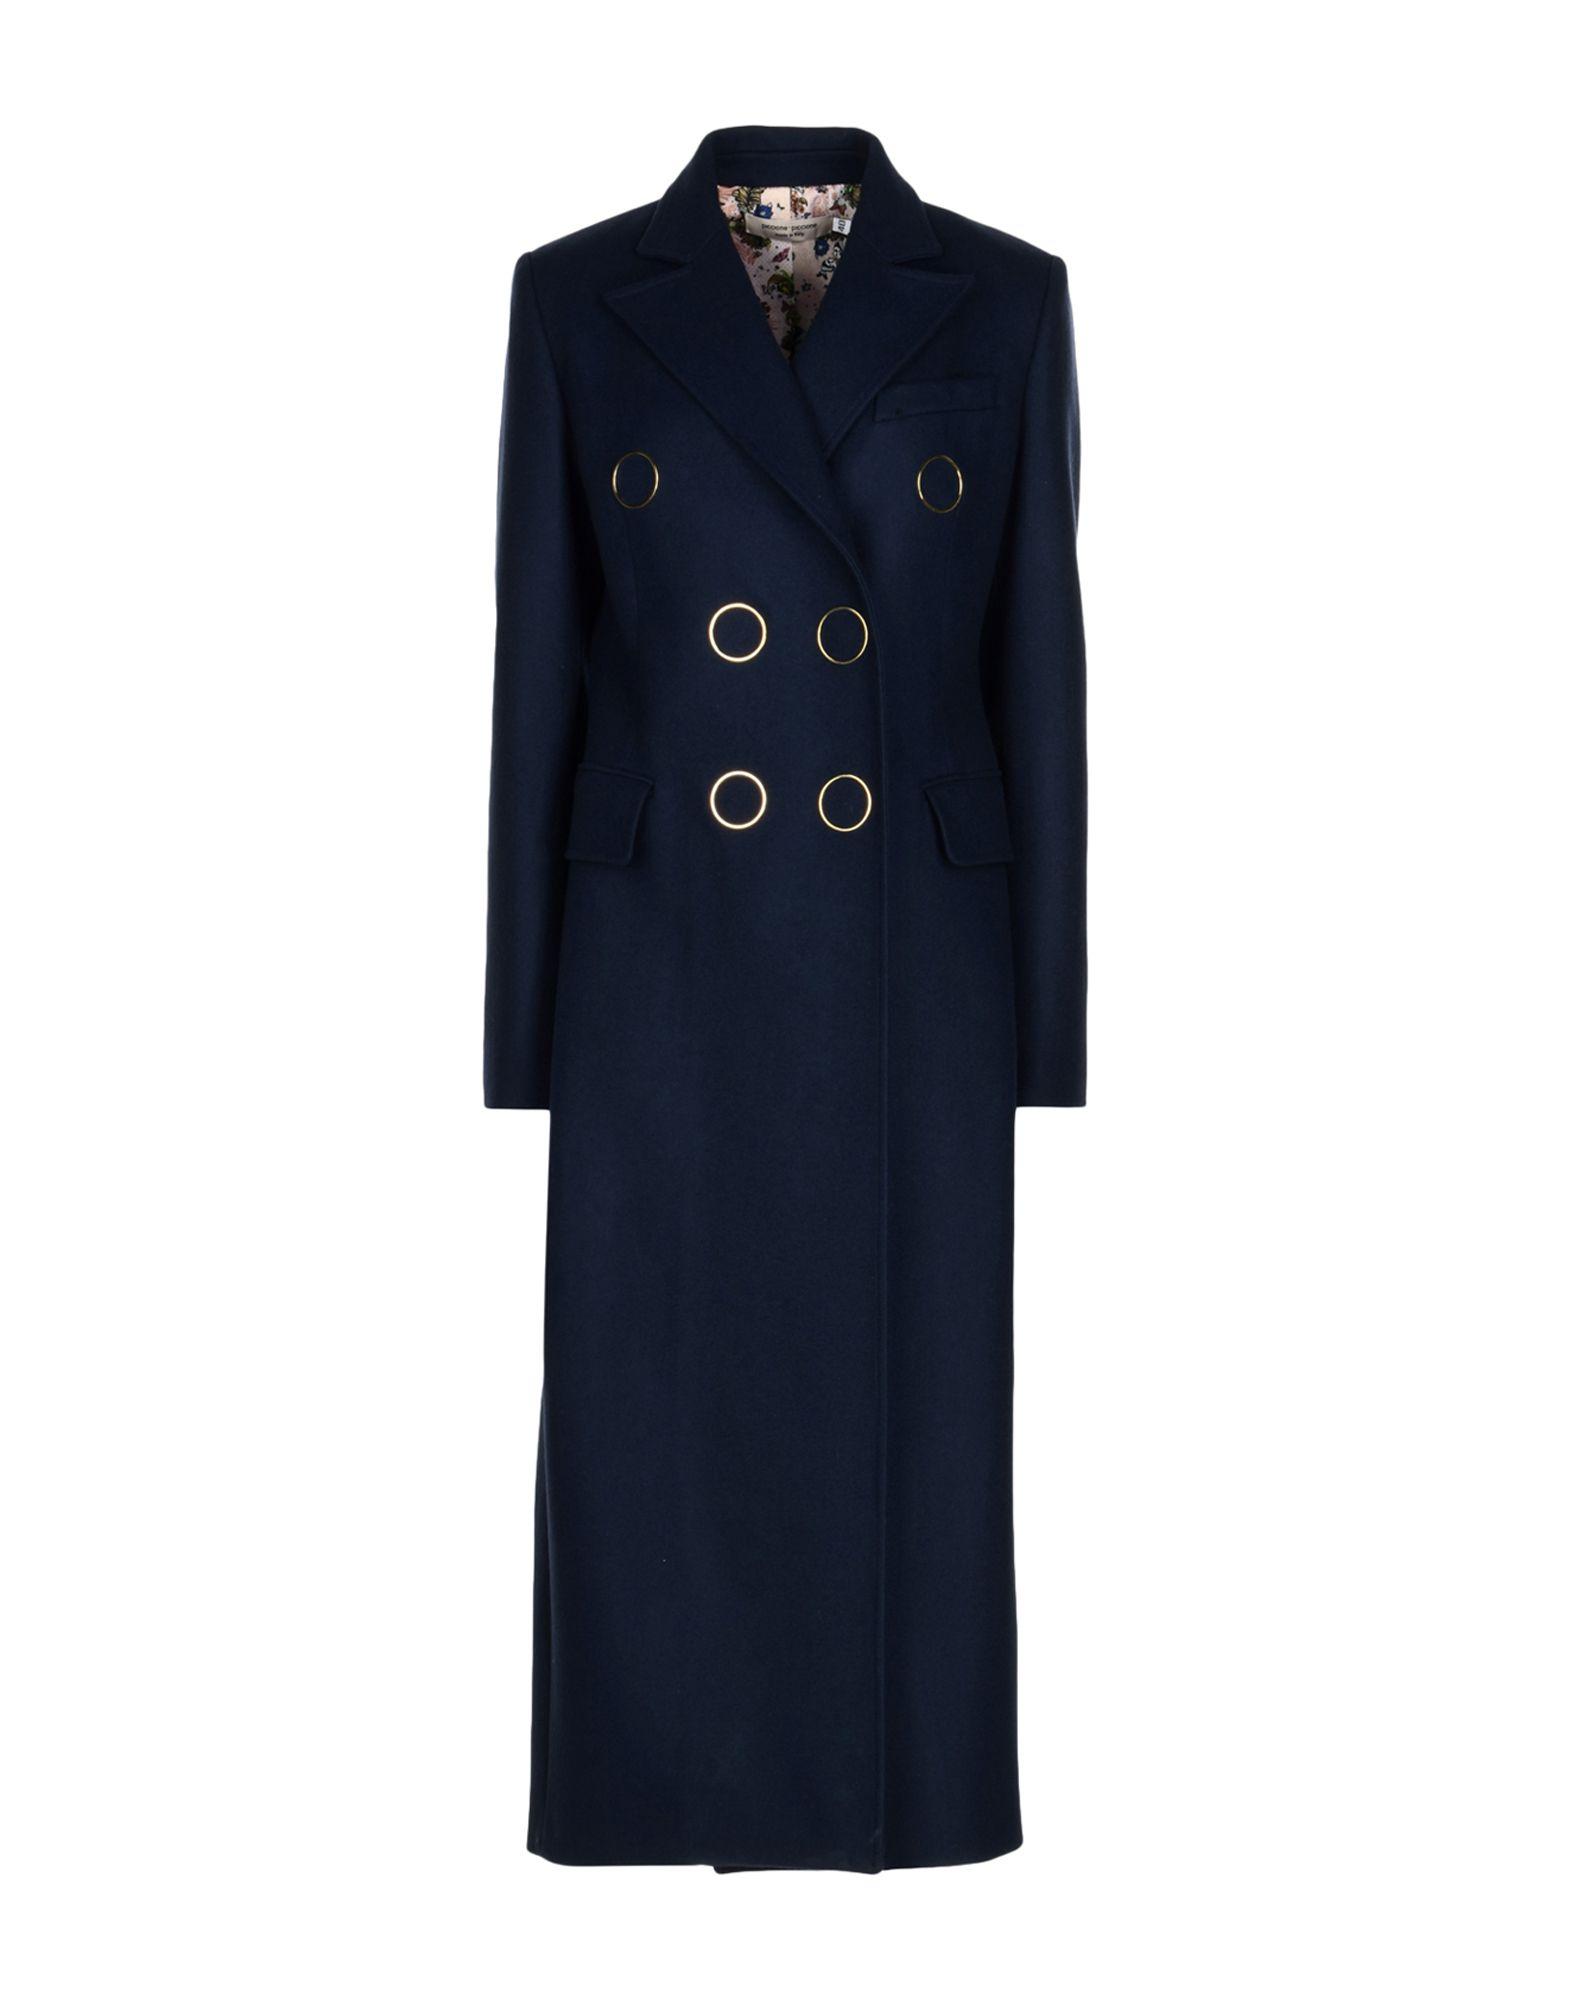 PICCIONE.PICCIONE Coat in Dark Blue